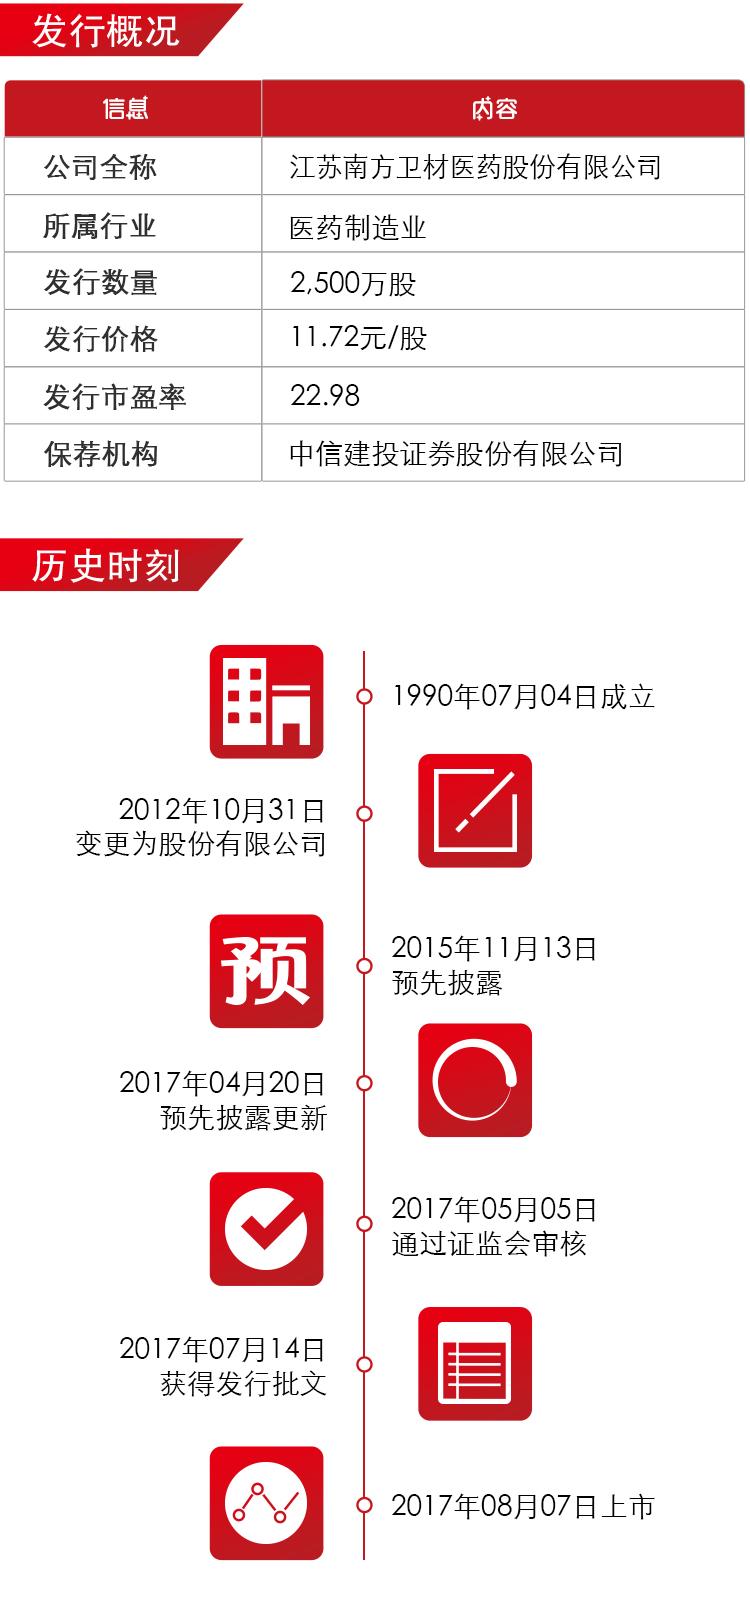 南卫股份-上市海报_01 (2).jpg